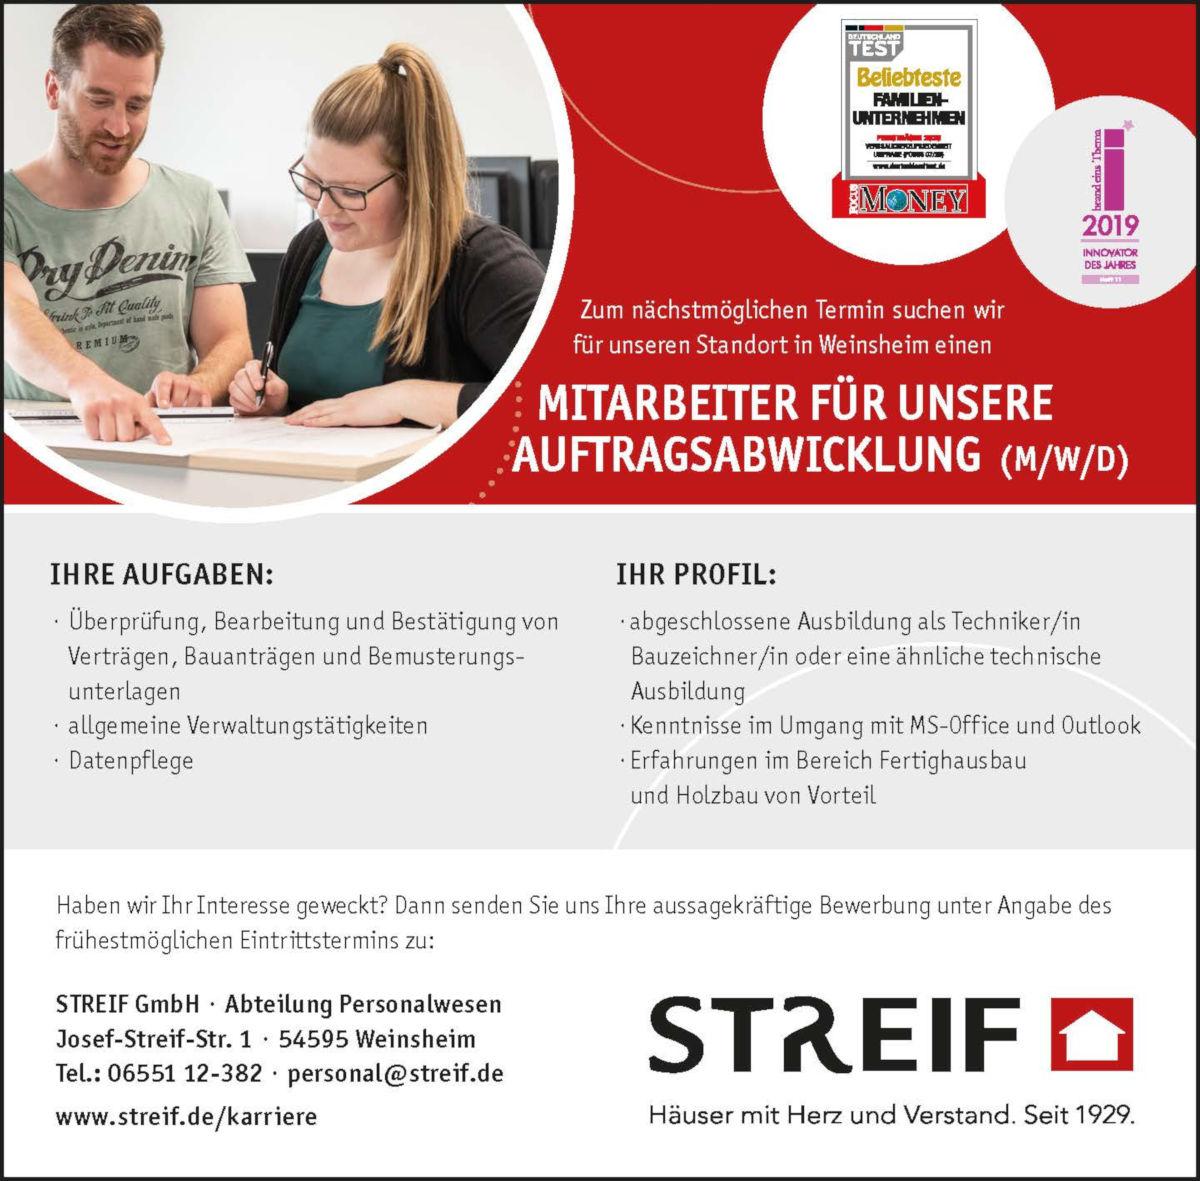 Streif Weinsheim Mitarbeiter Auftragsabwicklung